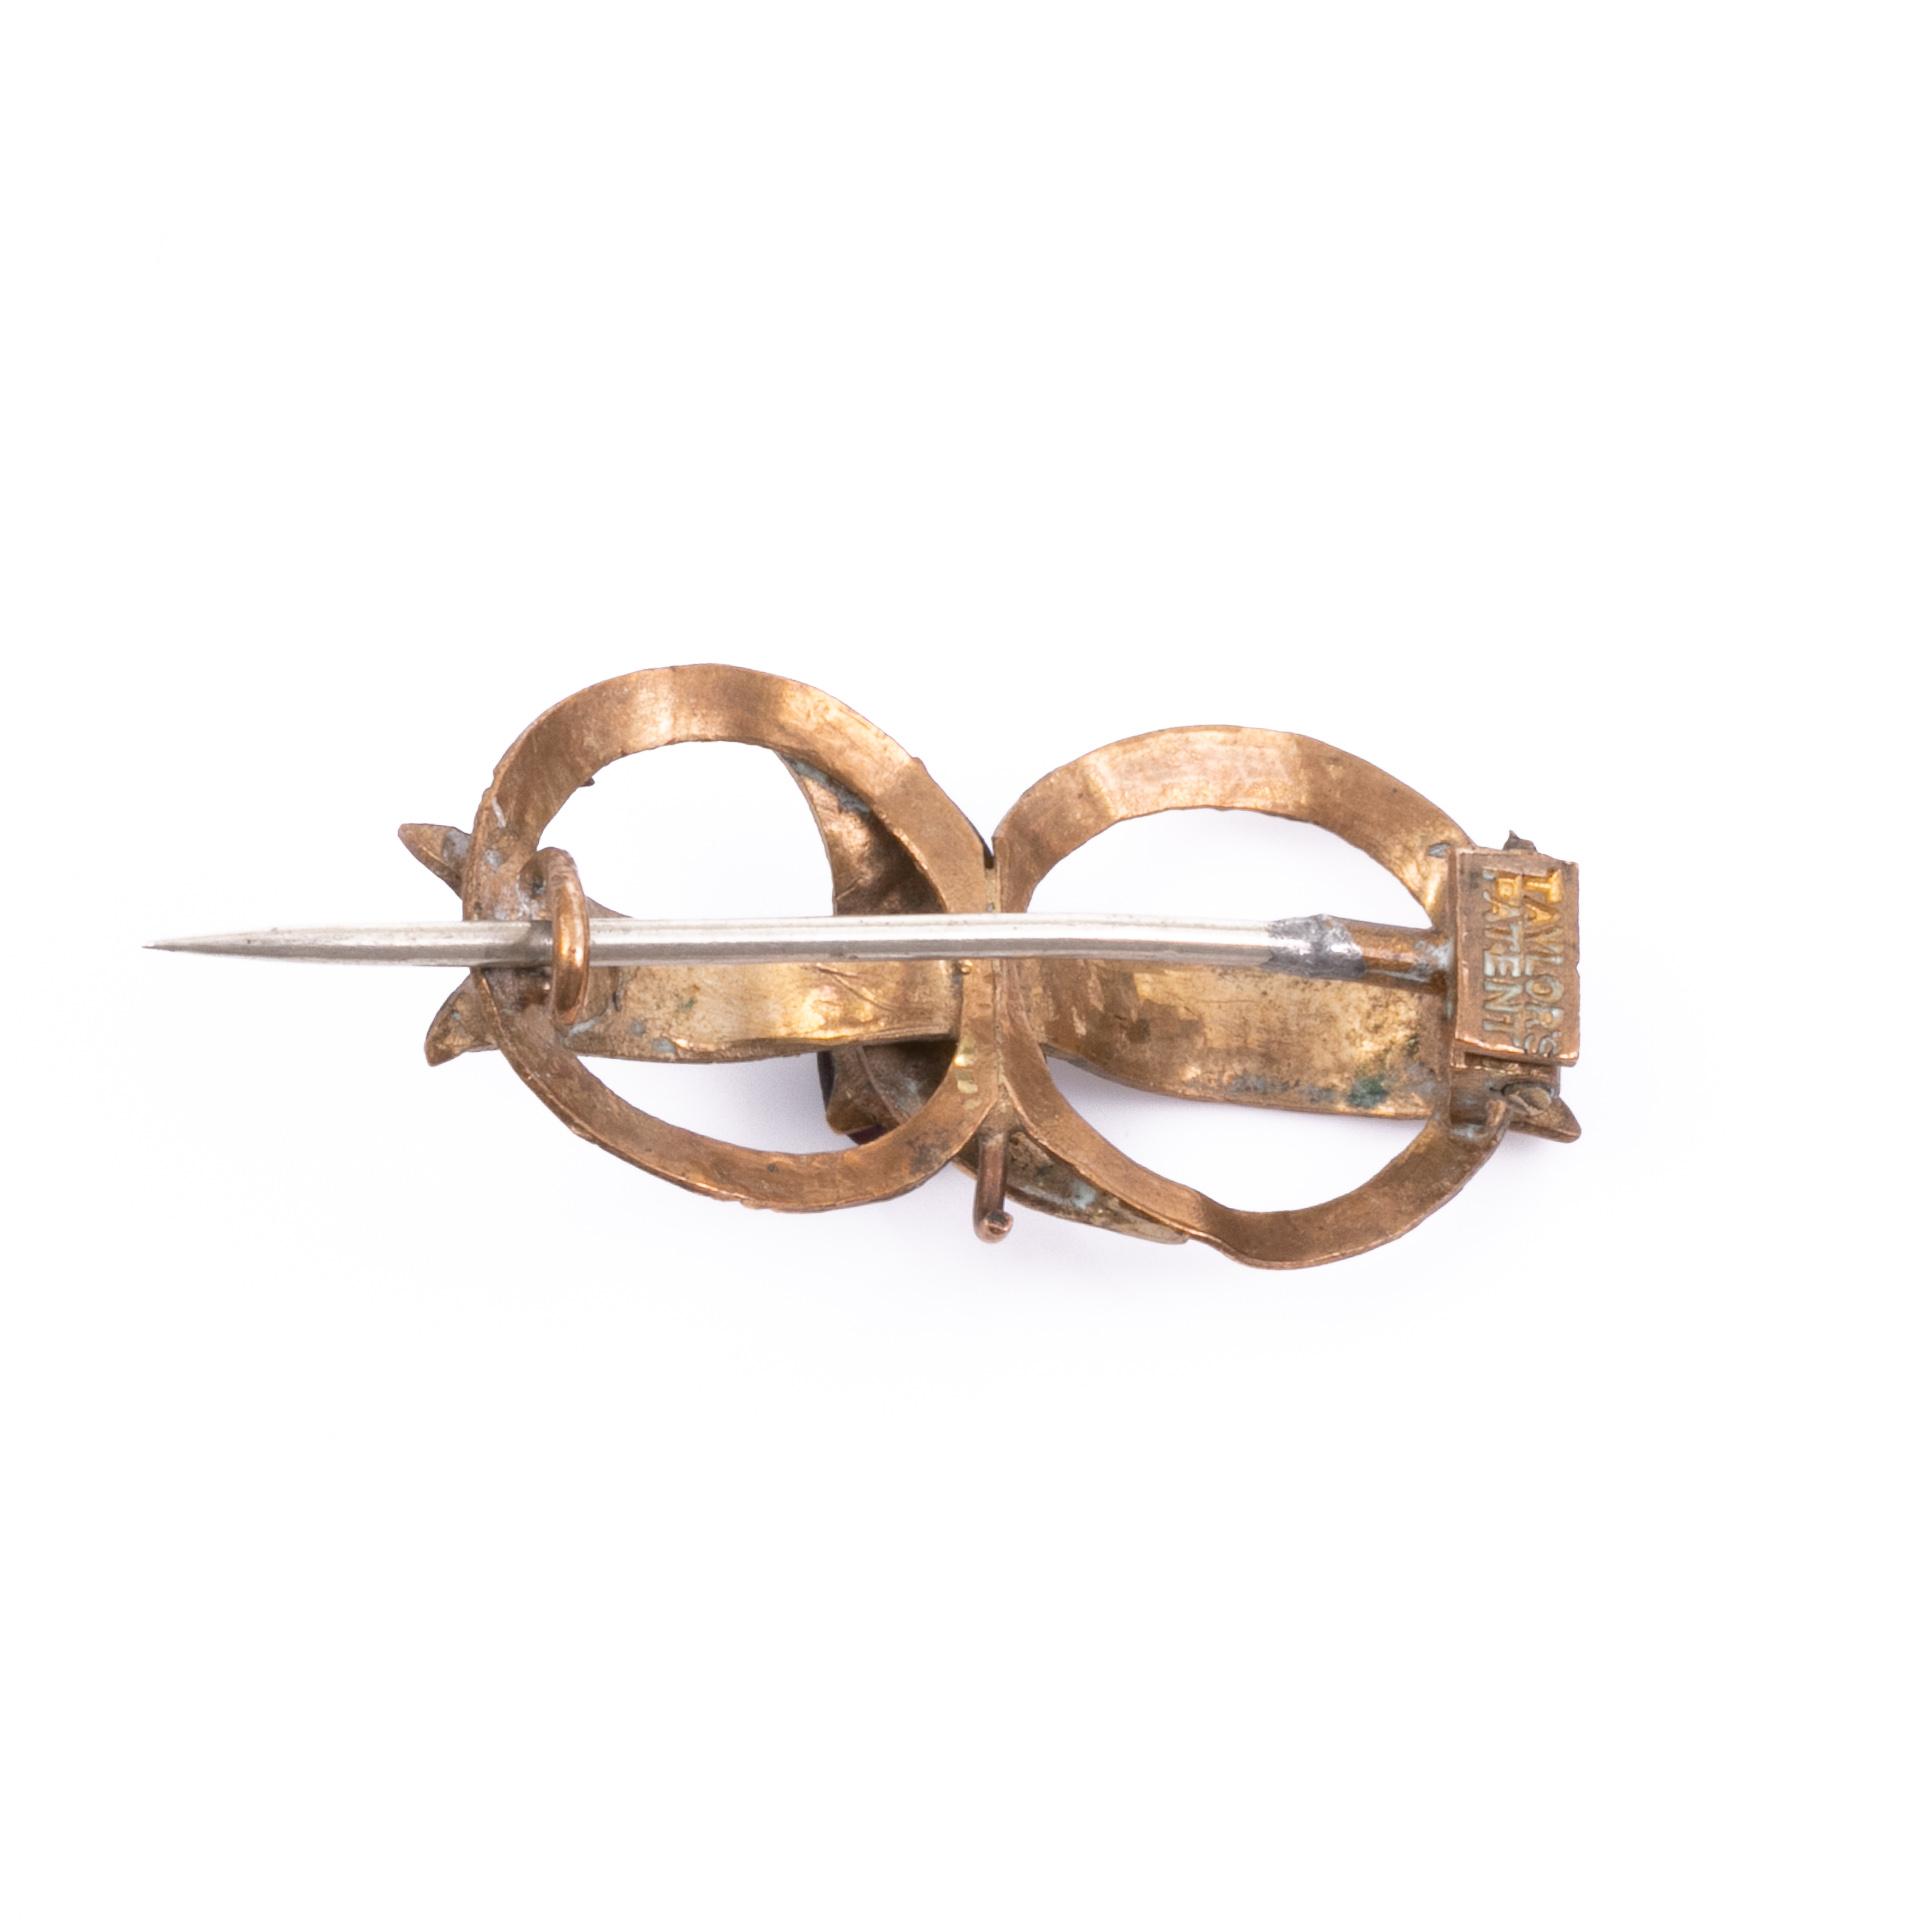 Victorian Gilt Garnet Brooch - Image 2 of 2